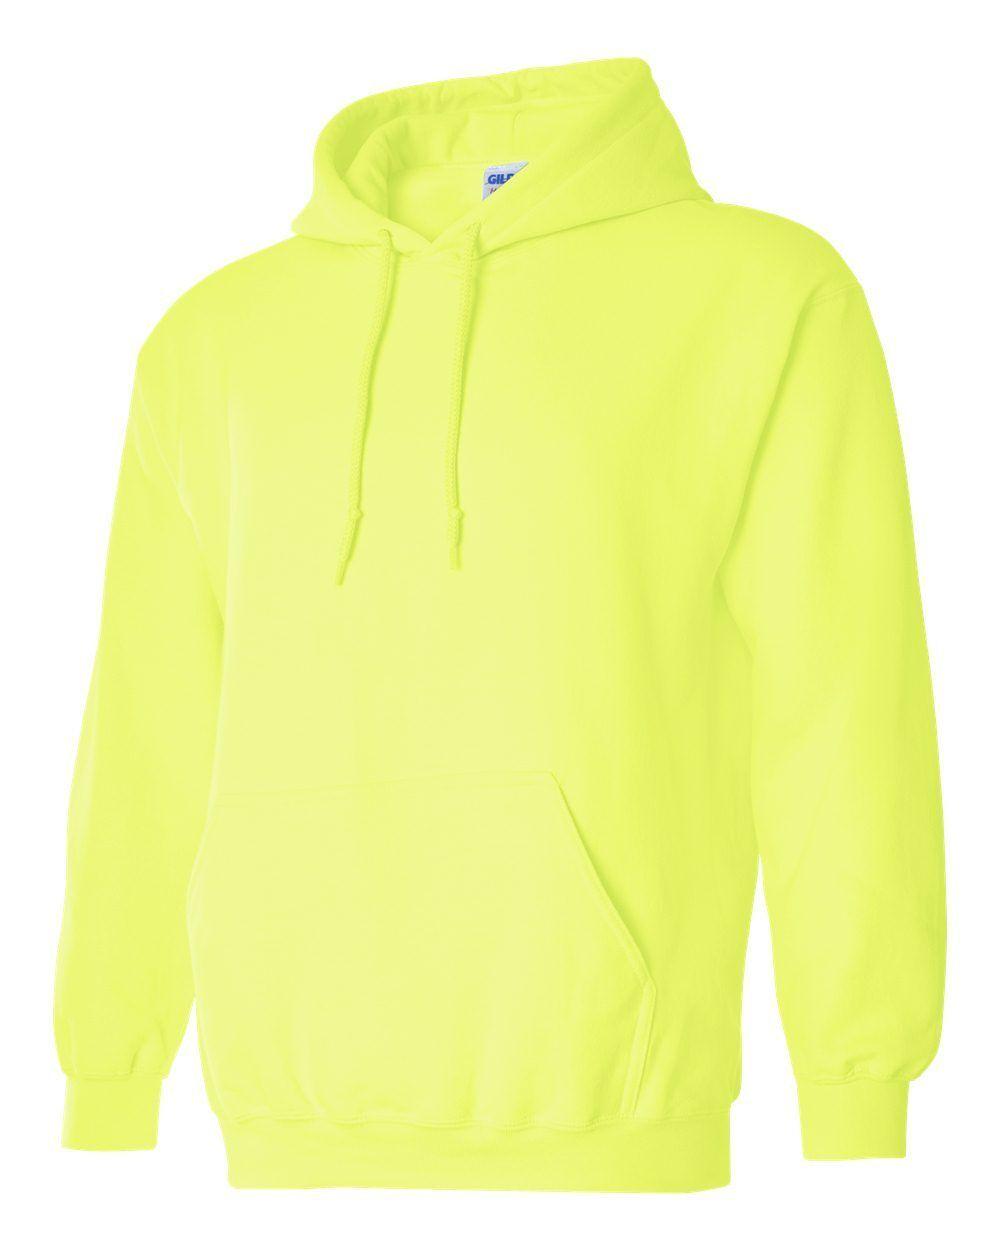 12 Wholesale Gildan Safety Grün Adult Bulk Hoodie Lot S M L XL 2XL 3XL 4XL 5XL